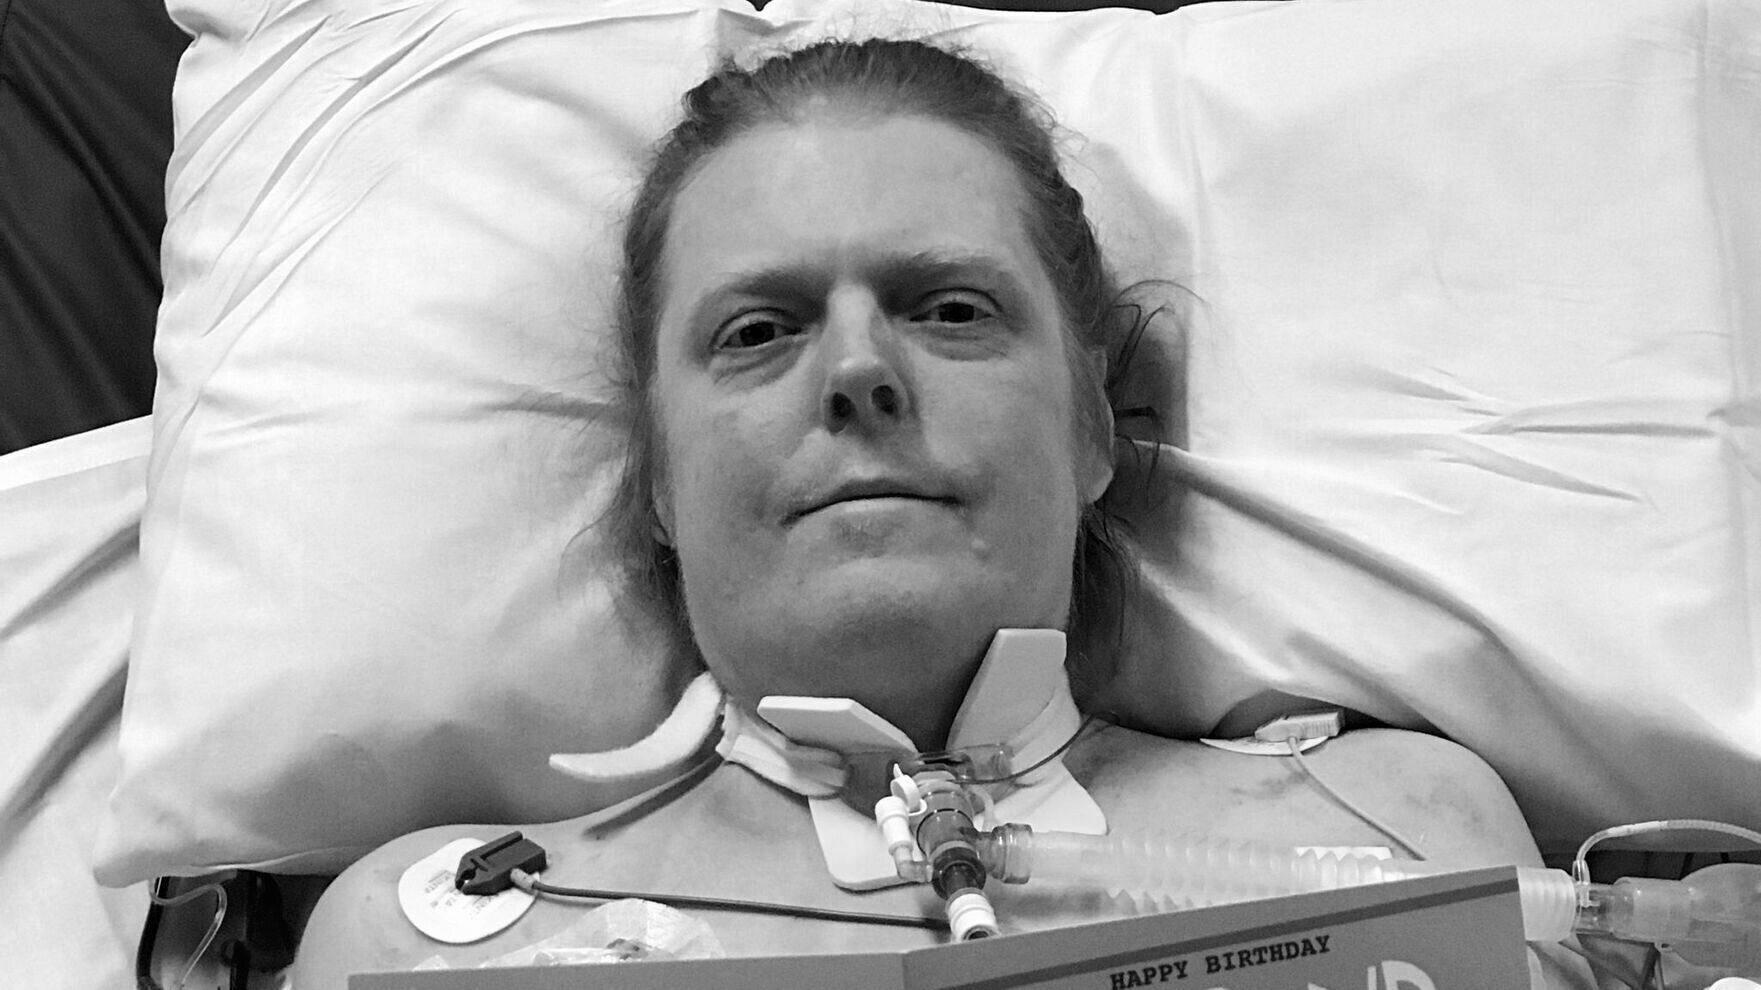 Jason Kelk był uznawany za najdłużej leczonego na COVID-19 pacjenta.